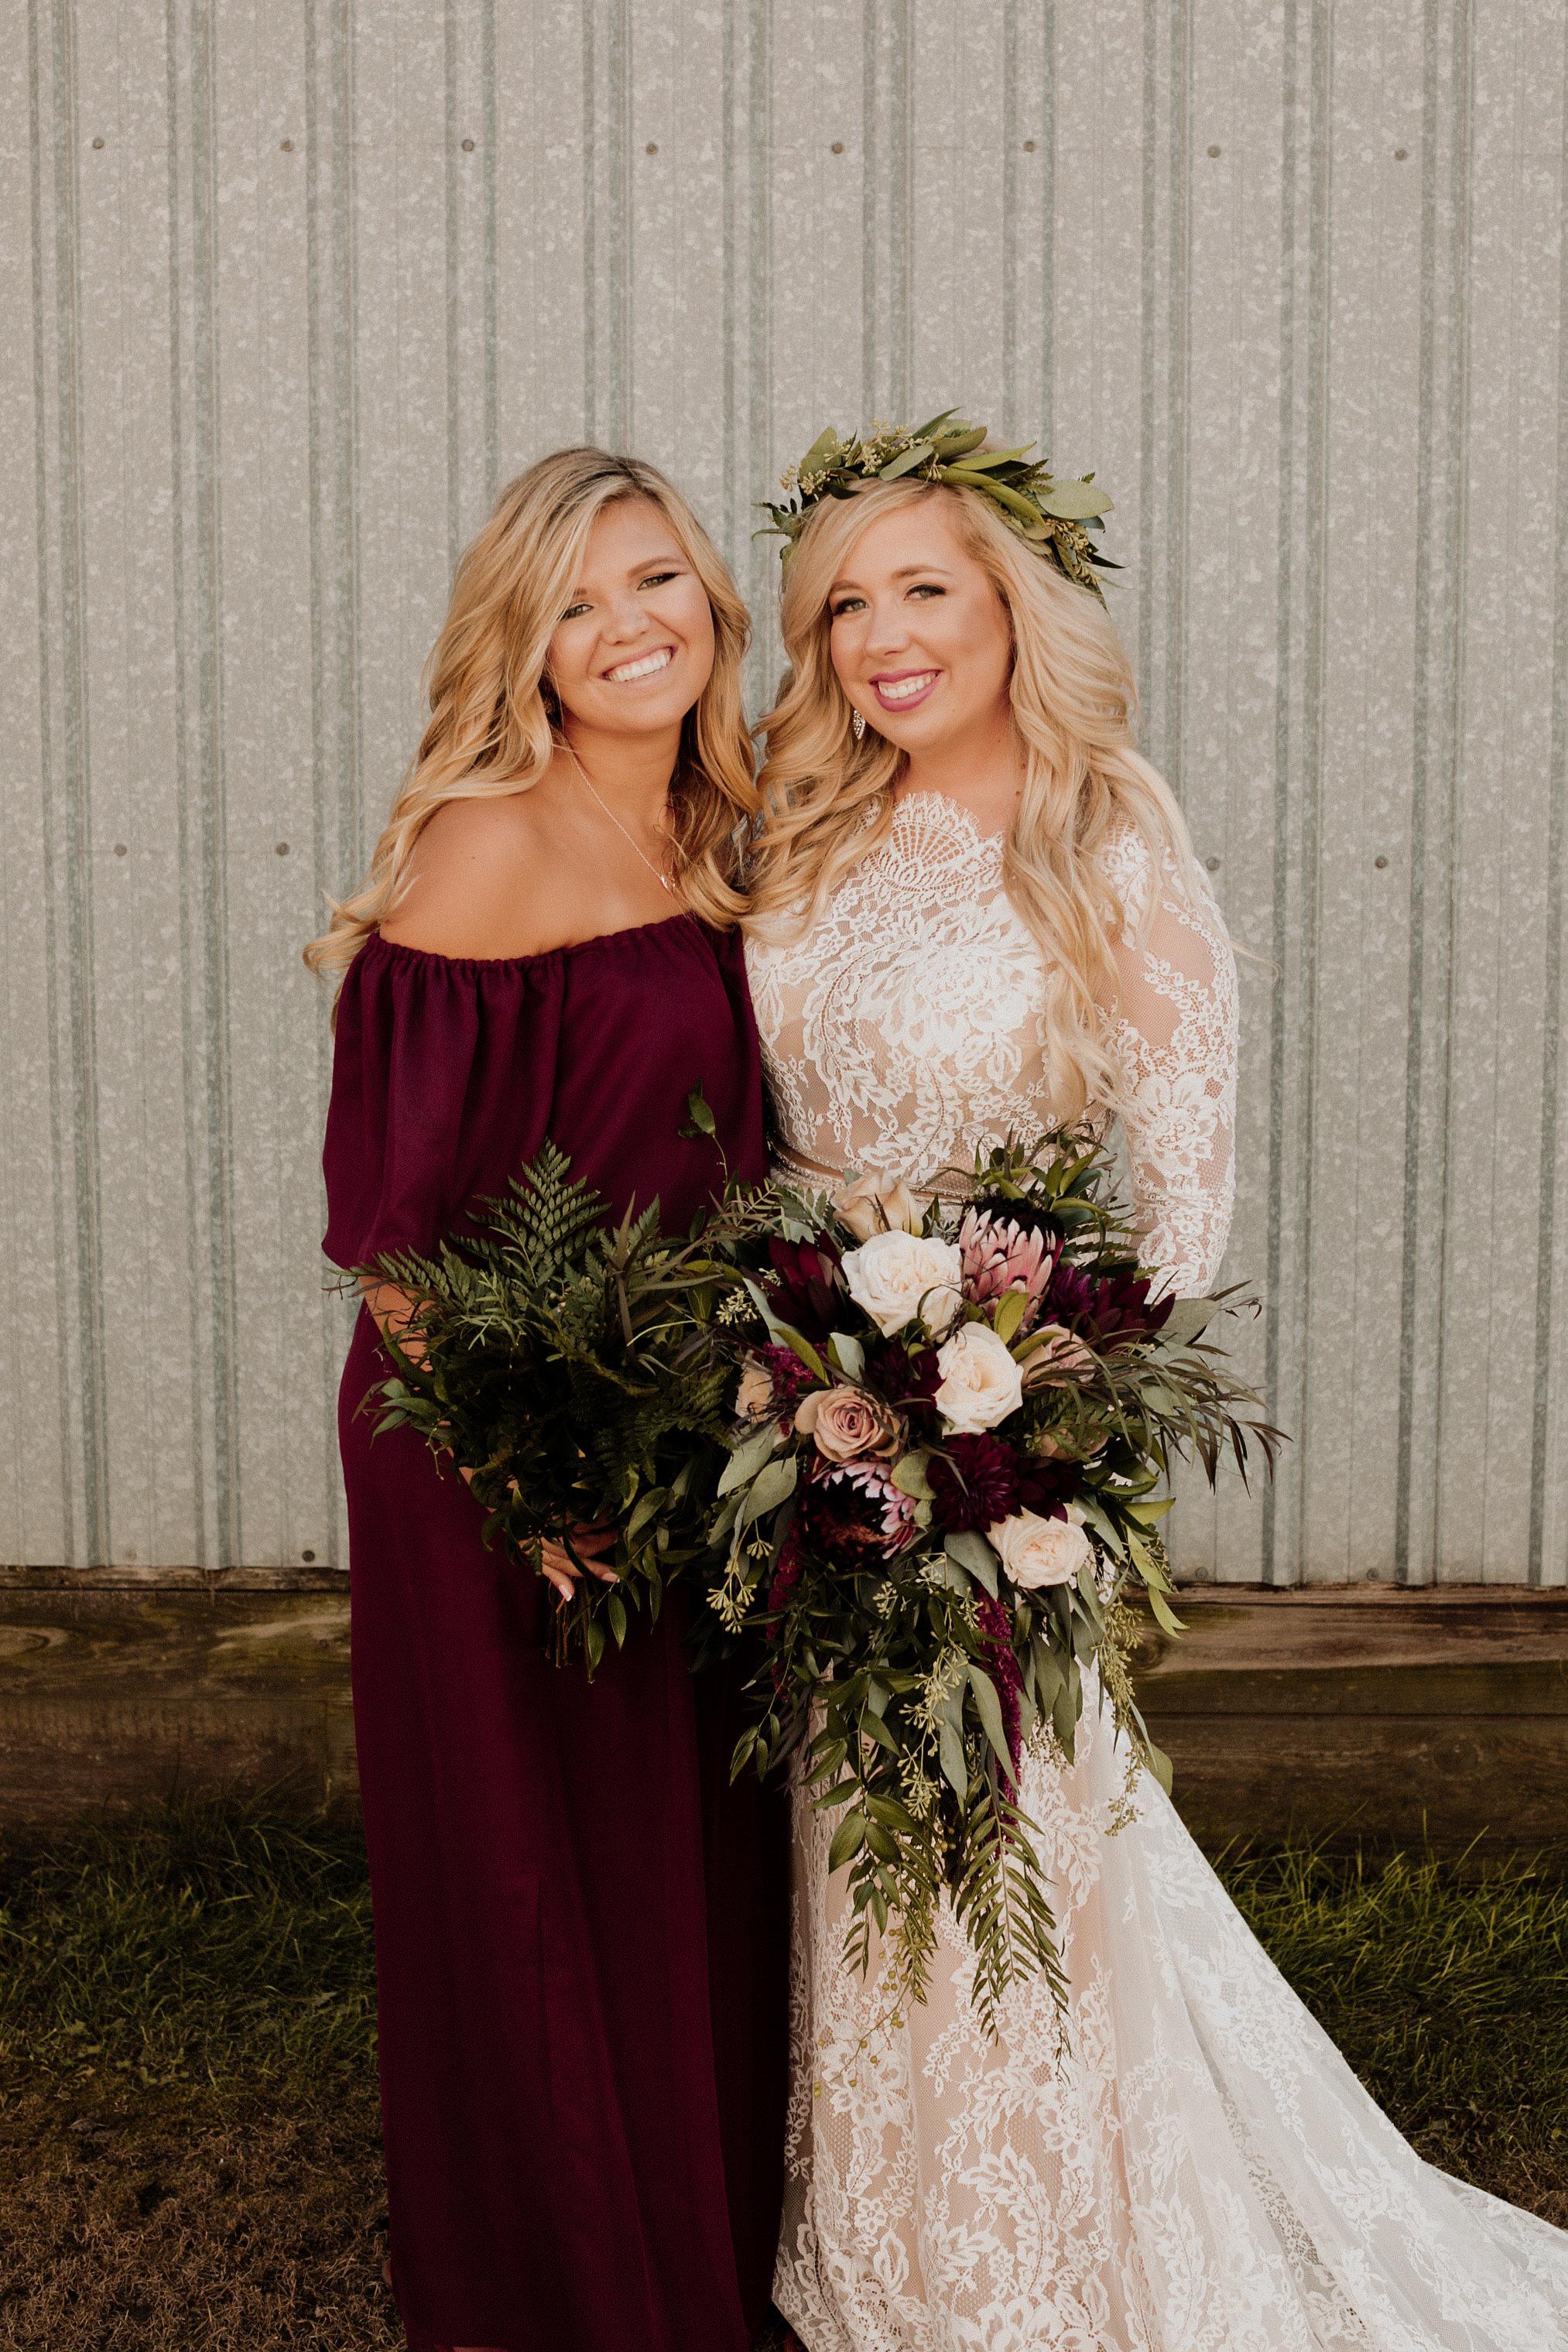 Skylar+Brock_Wedding_TonyaHjortPhotography-367.jpg